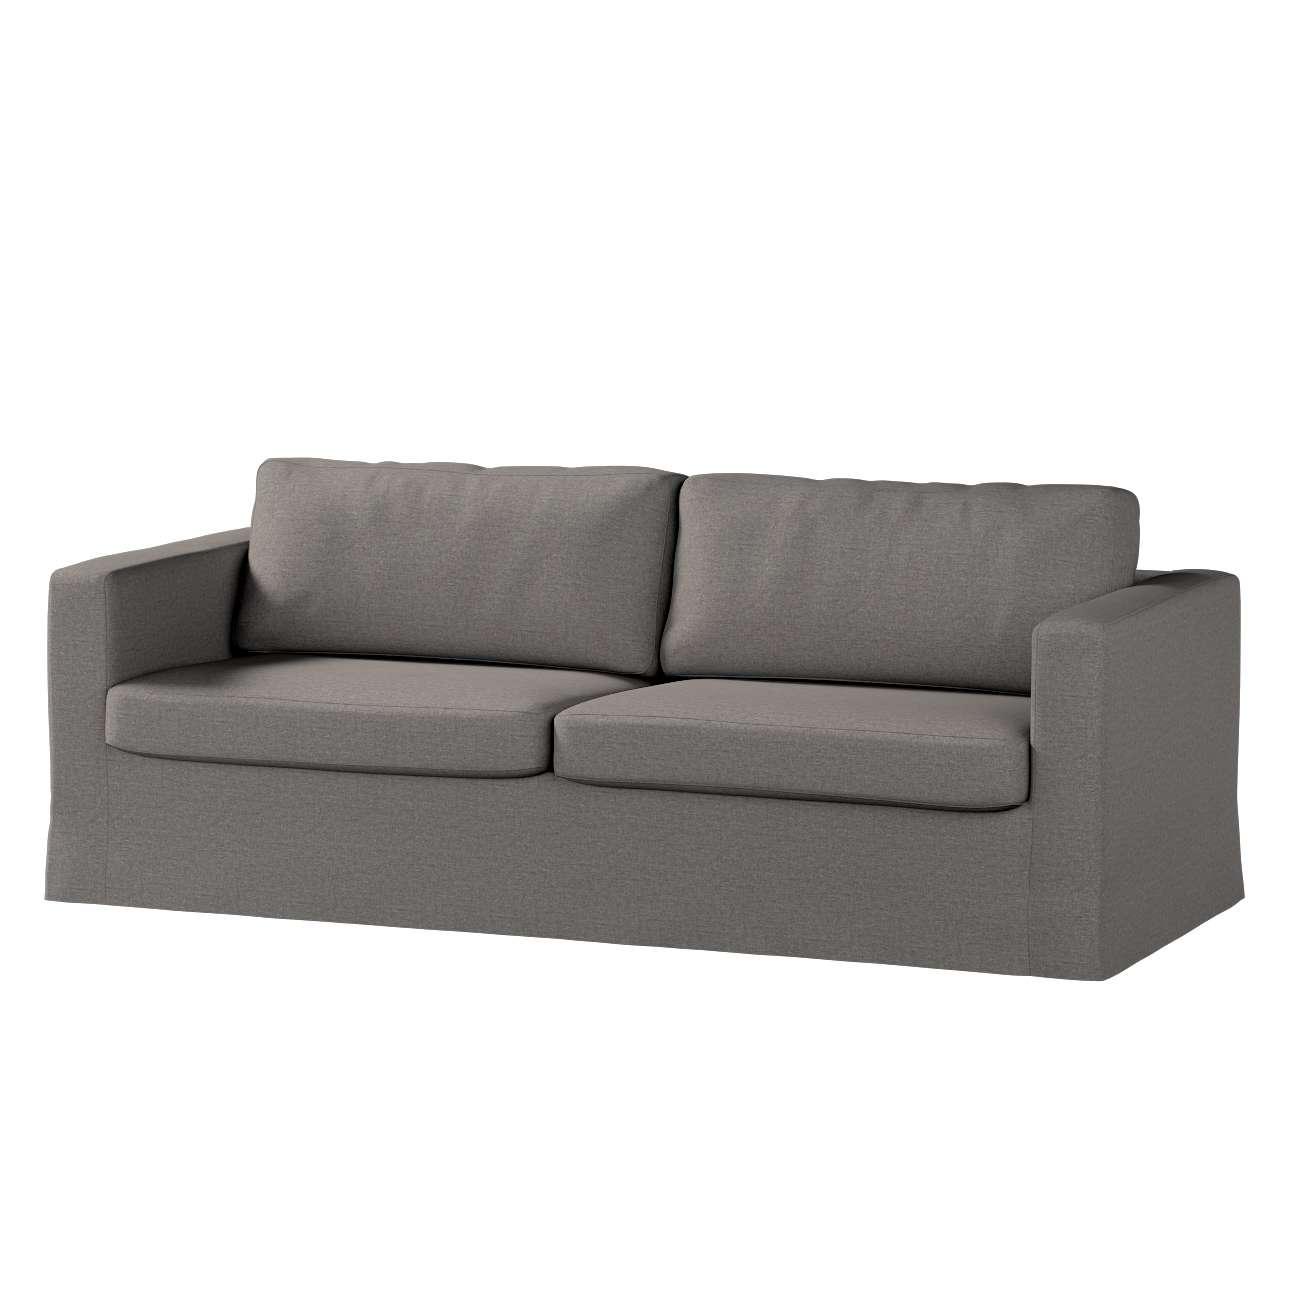 Karlstad trivietės sofos užvalkalas (ilgas, iki žemės) Karlstad trivietės sofos užvalkalas (ilgas, iki žemės) kolekcijoje Edinburgh , audinys: 115-77